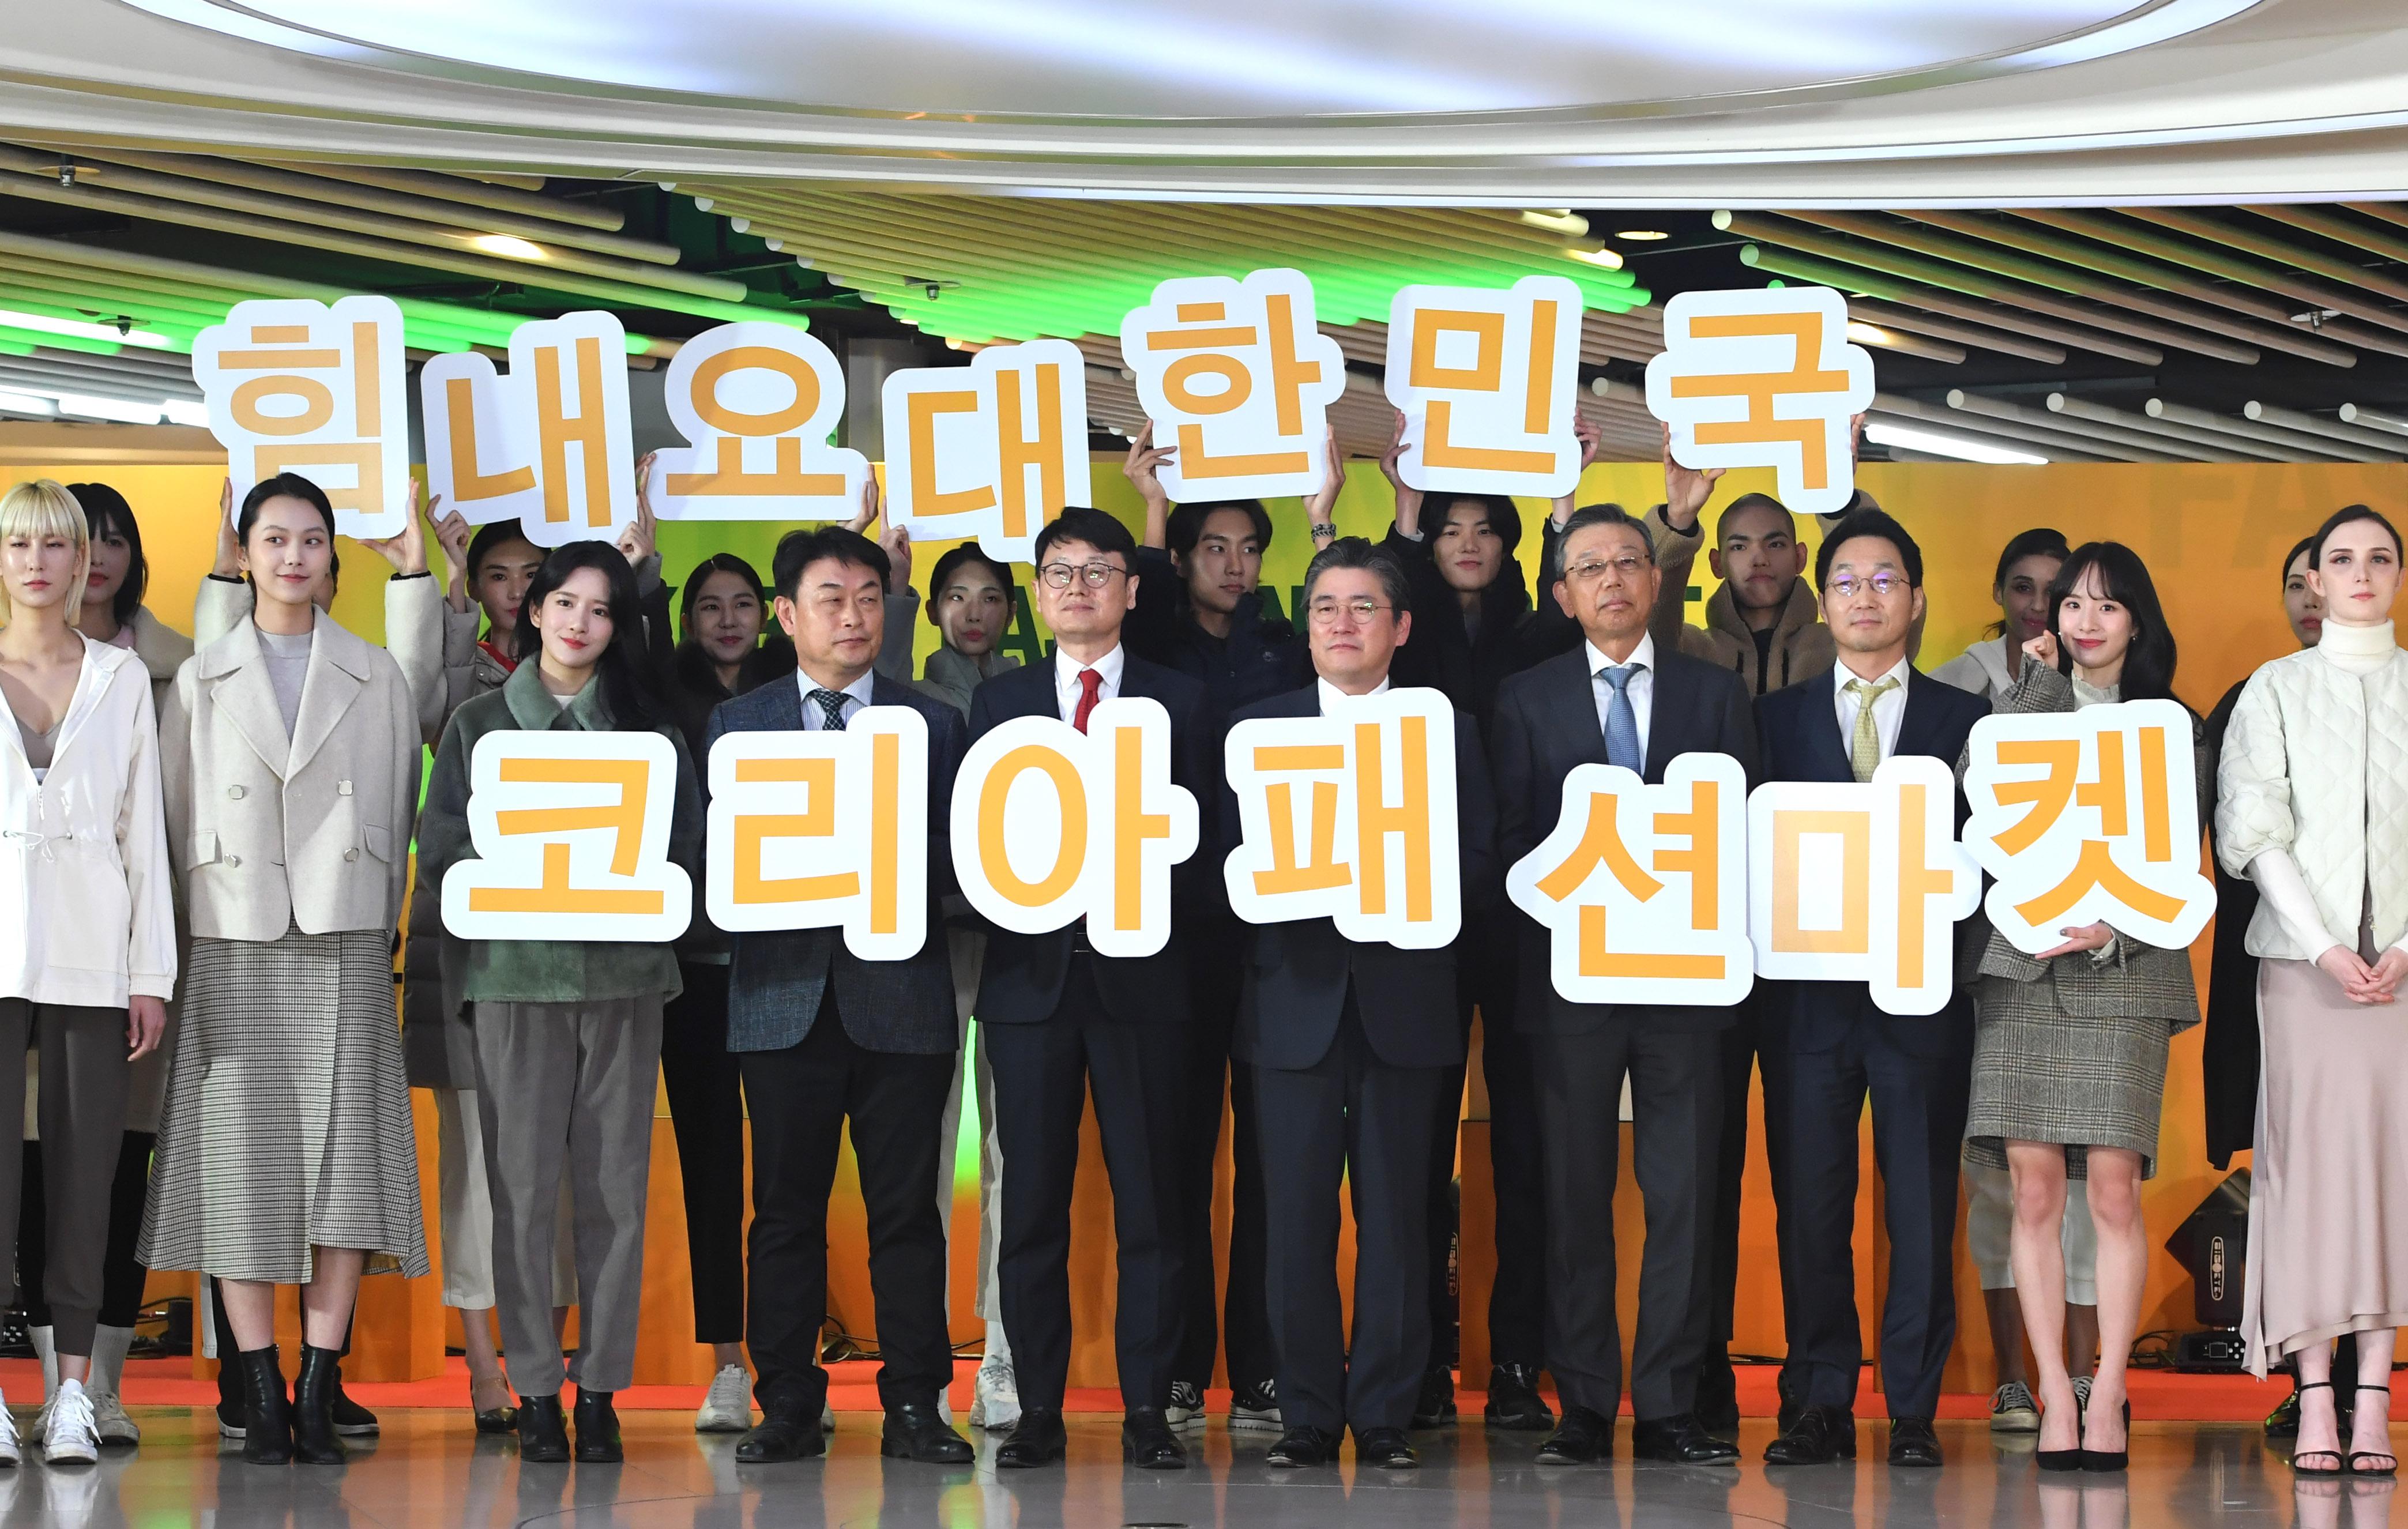 '코리아패션마켓 시즌2, 힘내요 대한민국'